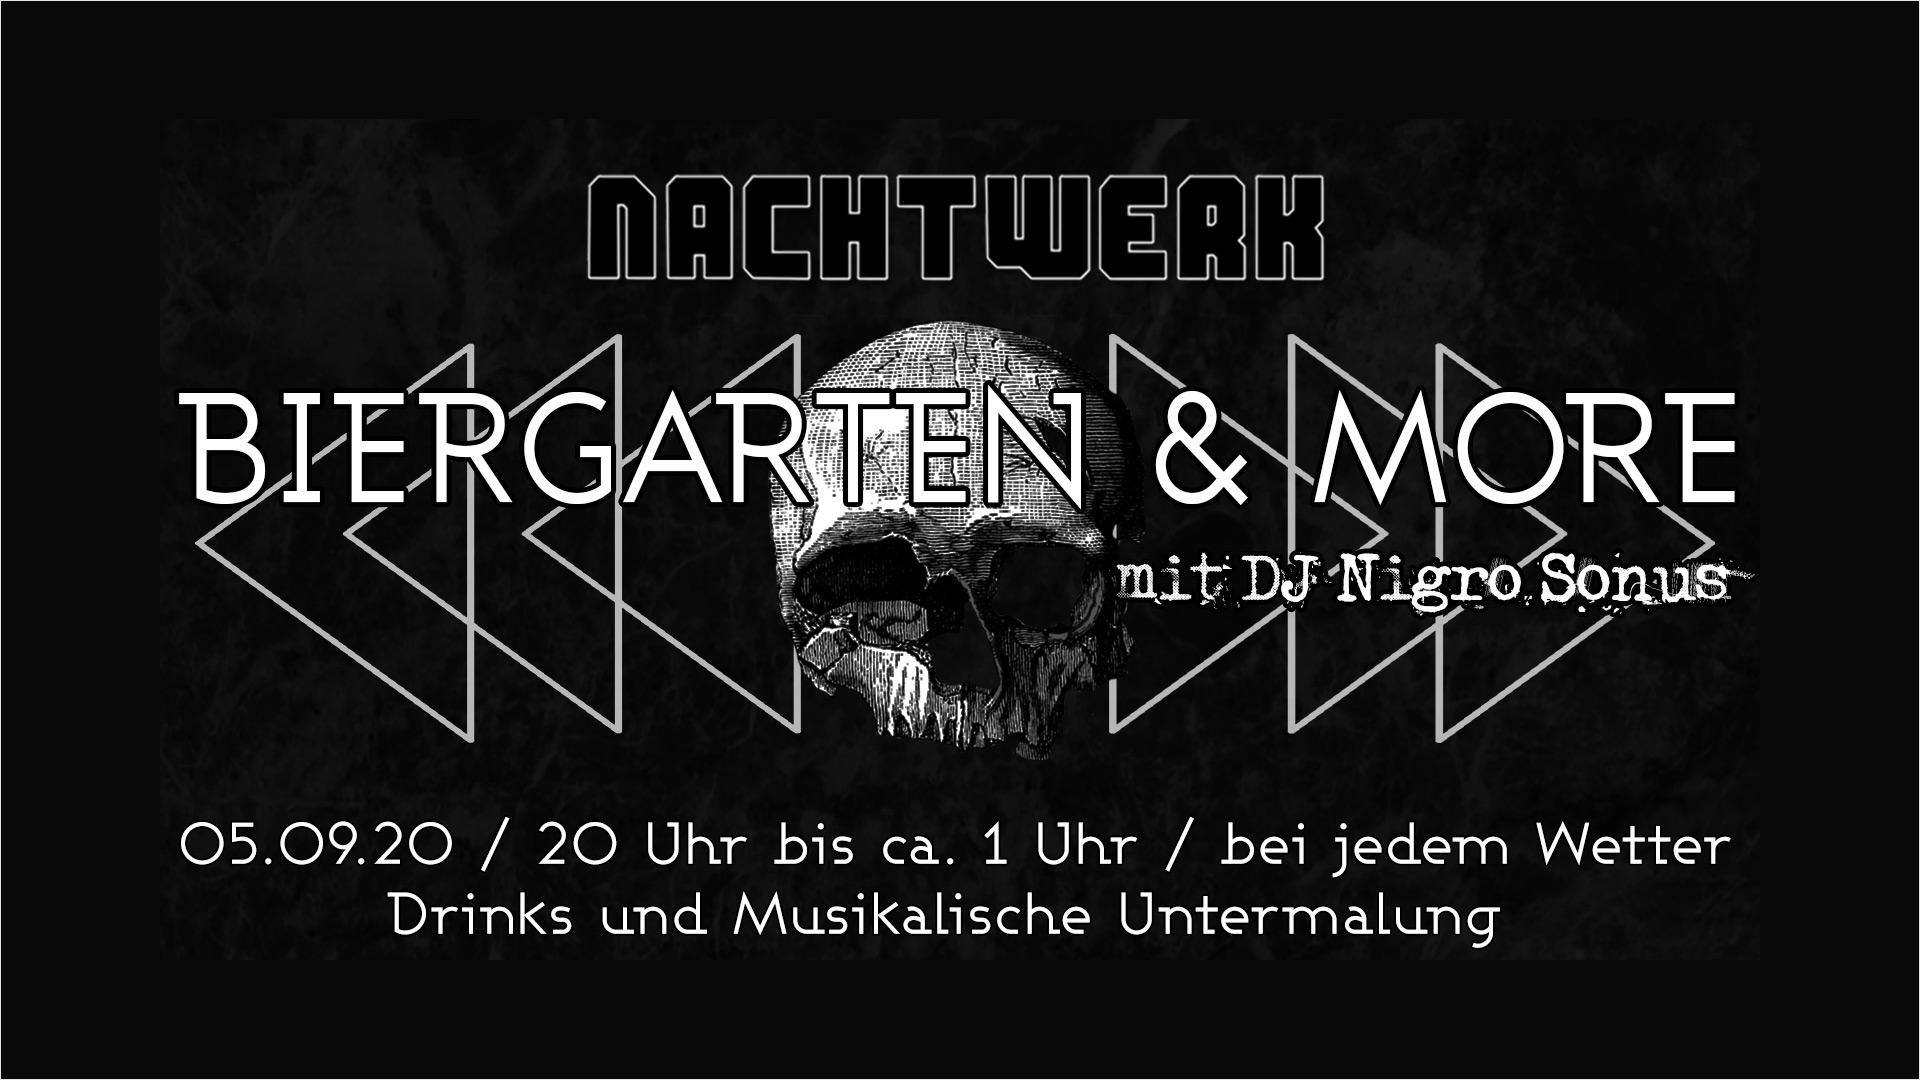 Biergarten & more im Nachtwerk Karlsruhe. Leckere Drinks und musikalische Untermalung.